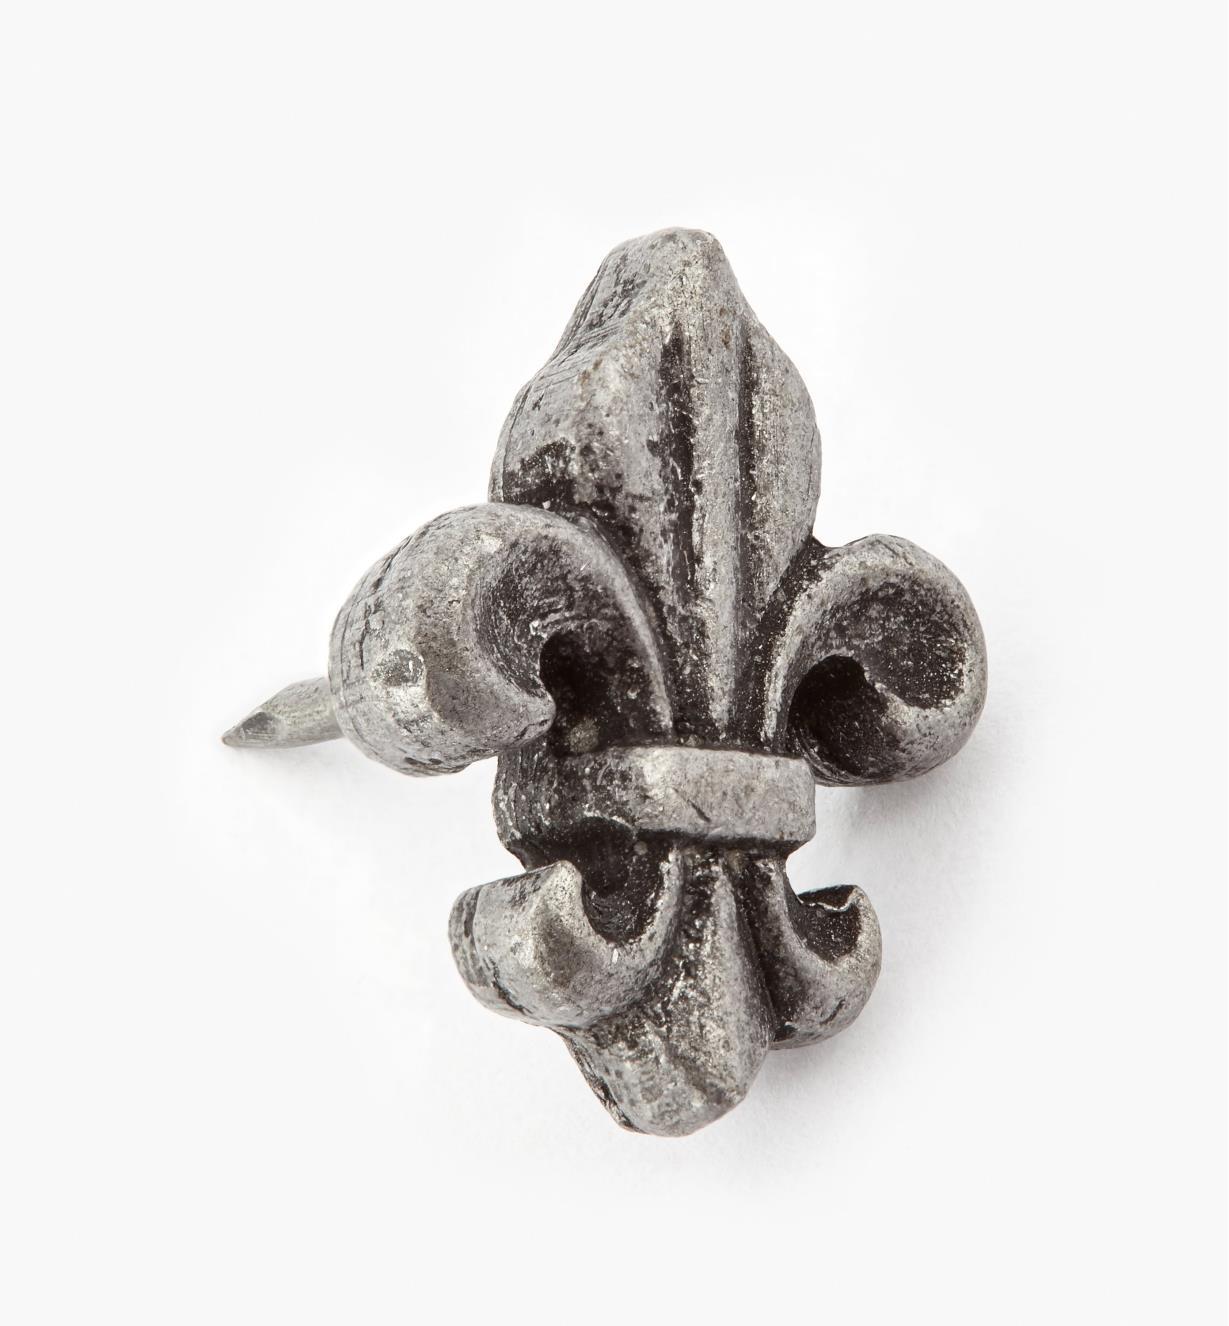 """00T0945 - Fleur-de-Lis Clavos, 3/4"""" x 1/2"""", Antique Pewter, ea."""